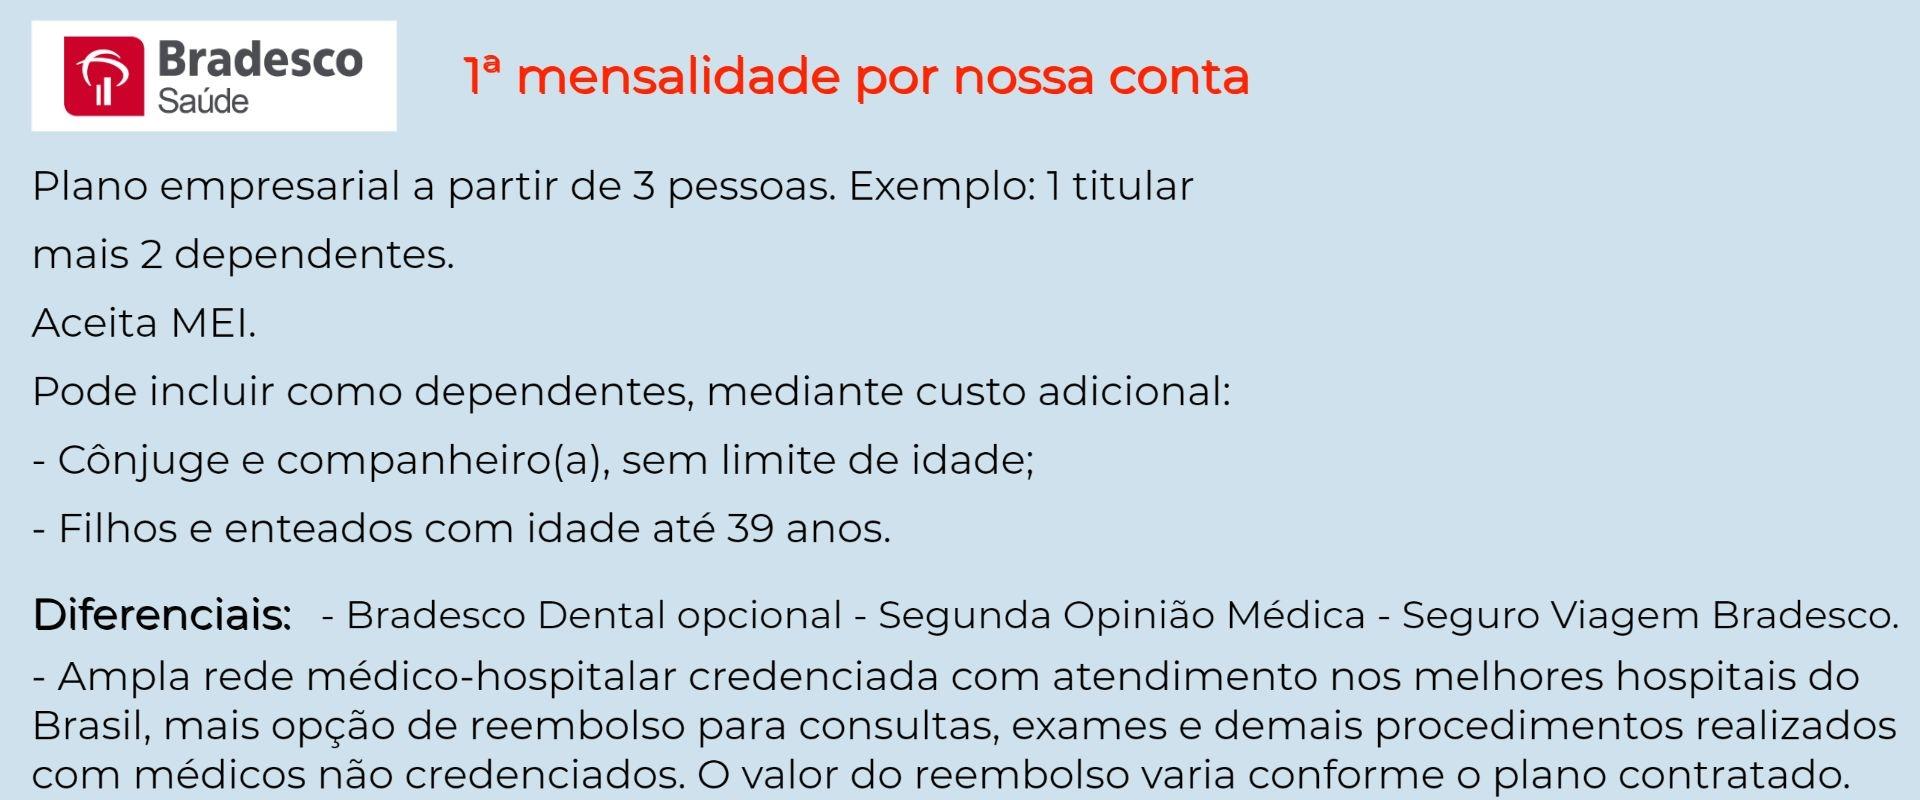 Bradesco Saúde Empresarial - Três Rios